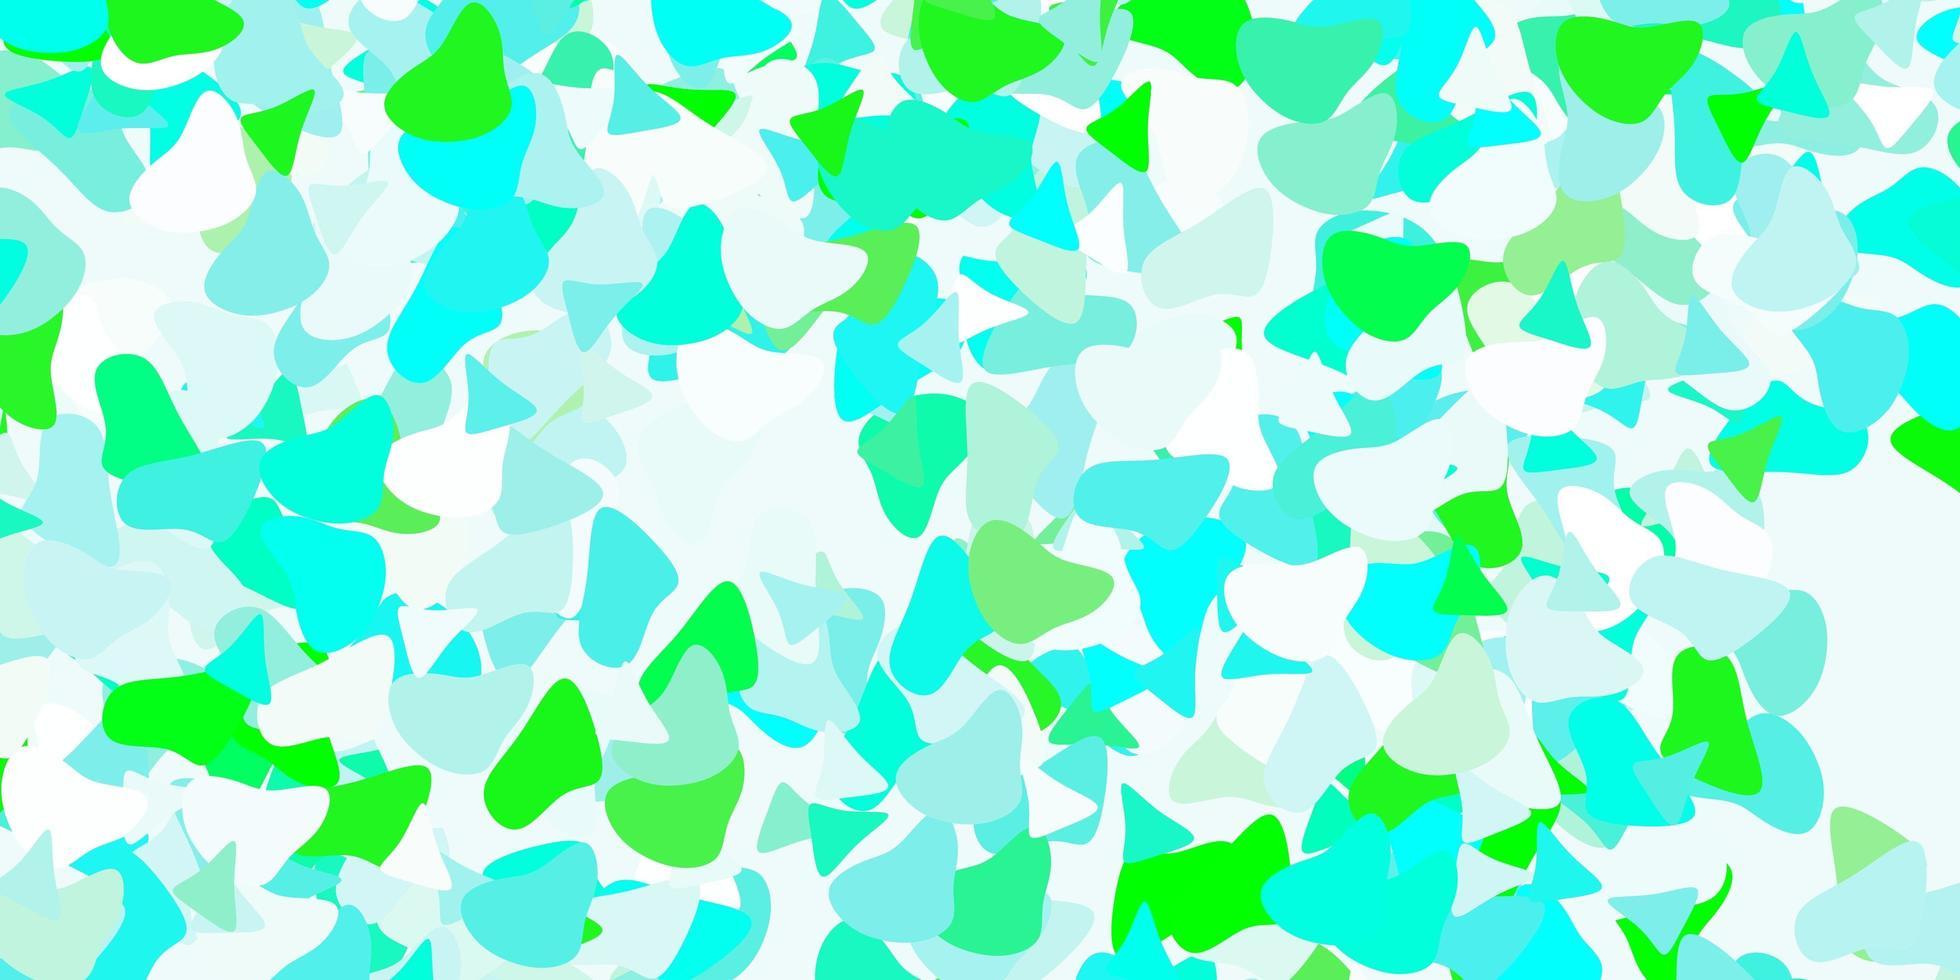 sfondo vettoriale verde chiaro con forme caotiche.